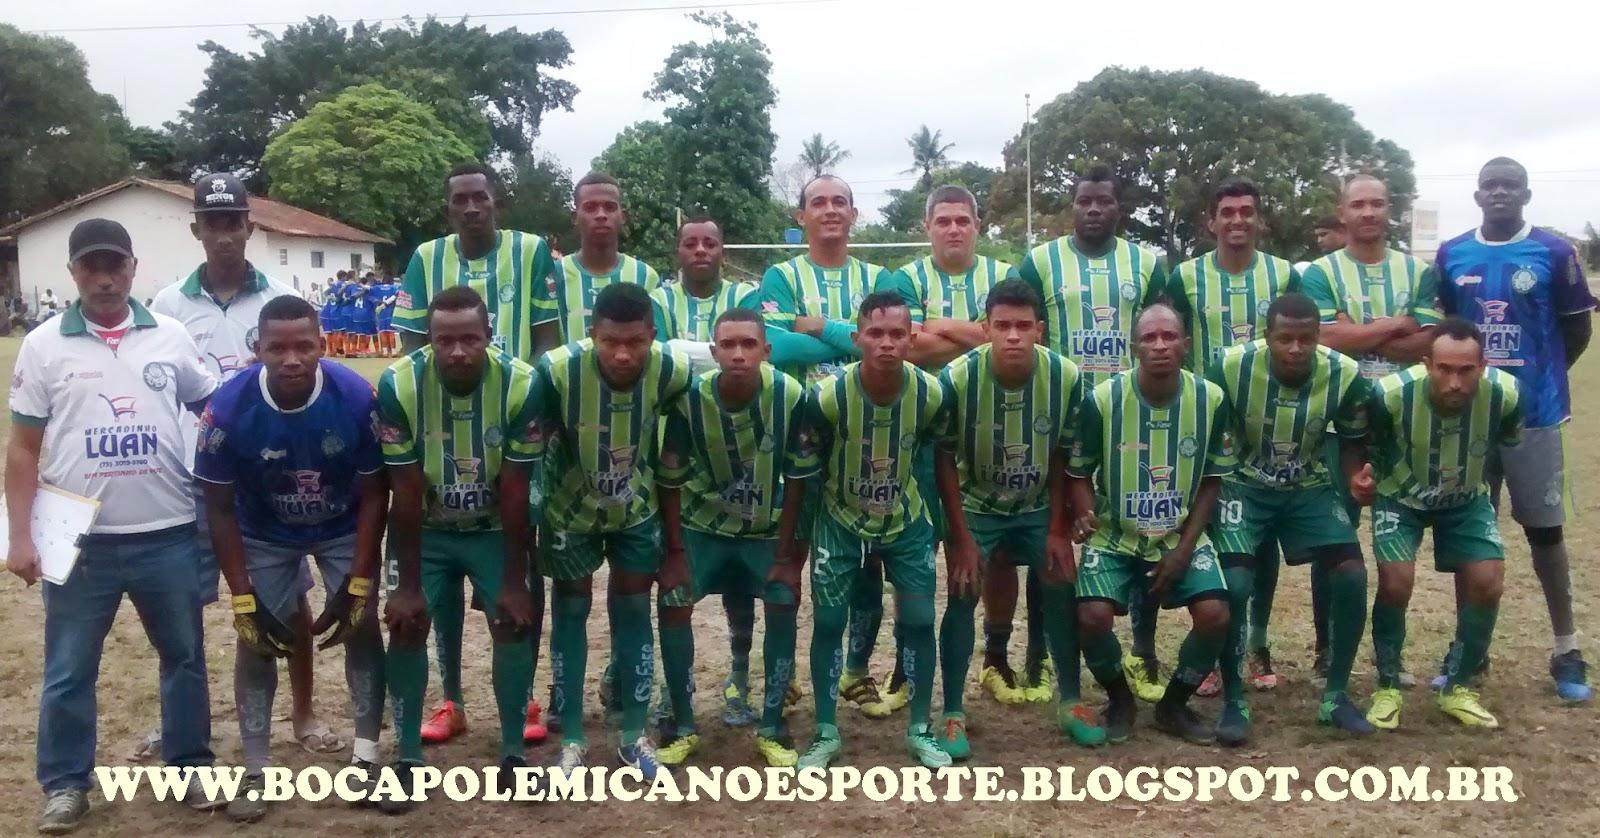 52677f1c70 Campeonato Cidade no Esporte  Grêmio do técnico Tite Pé soma 180 minutos  sem saber qual é o gosto de balançar as redes de seus adversários